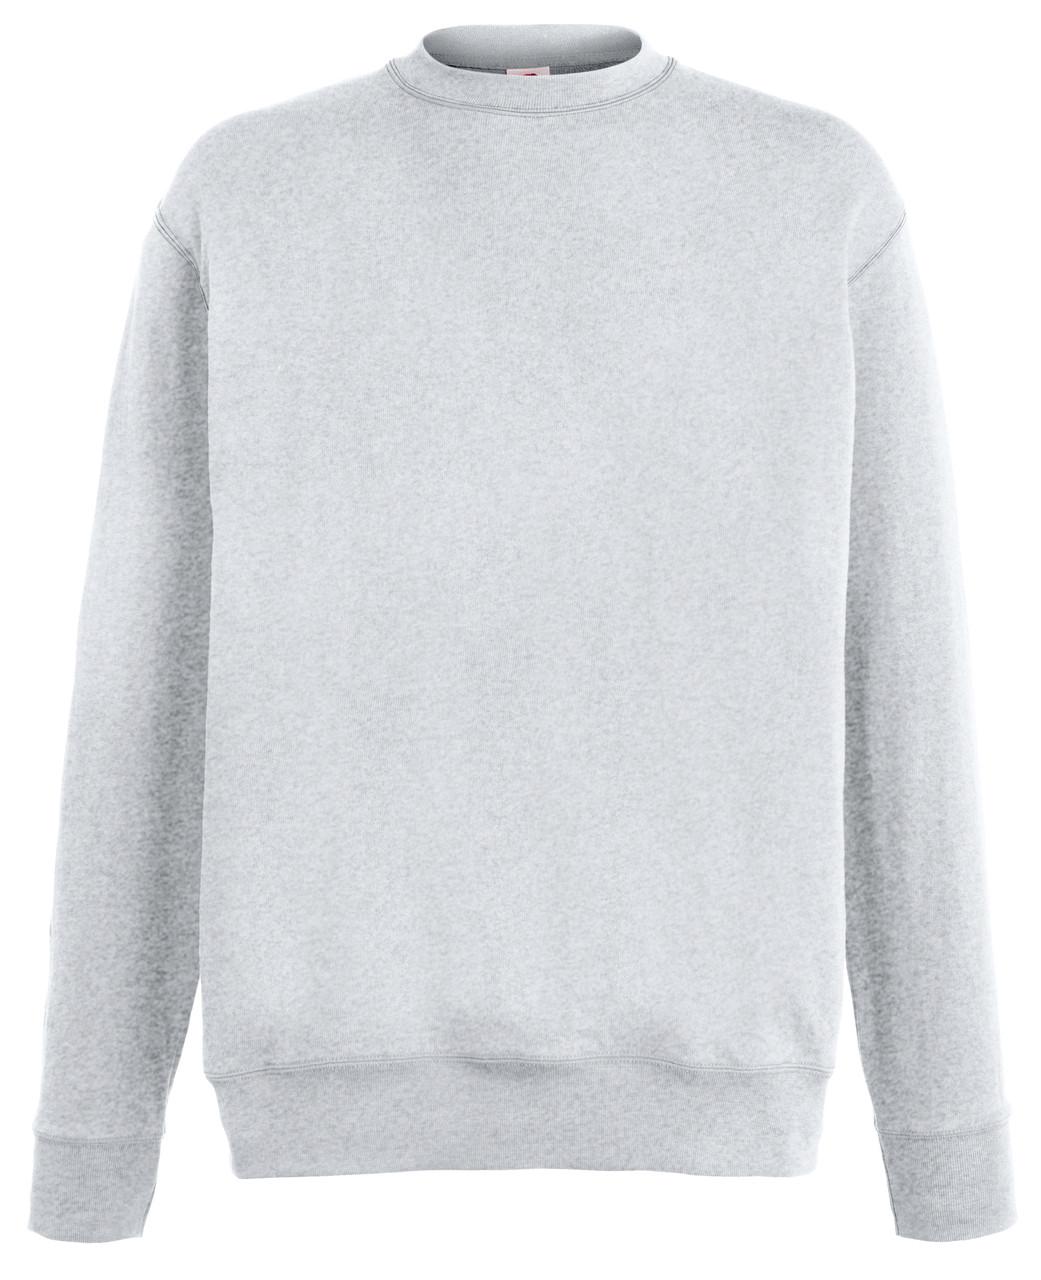 Мужской лёгкий свитер Серо-лиловый Fruit Of The Loom  62-156-94  S